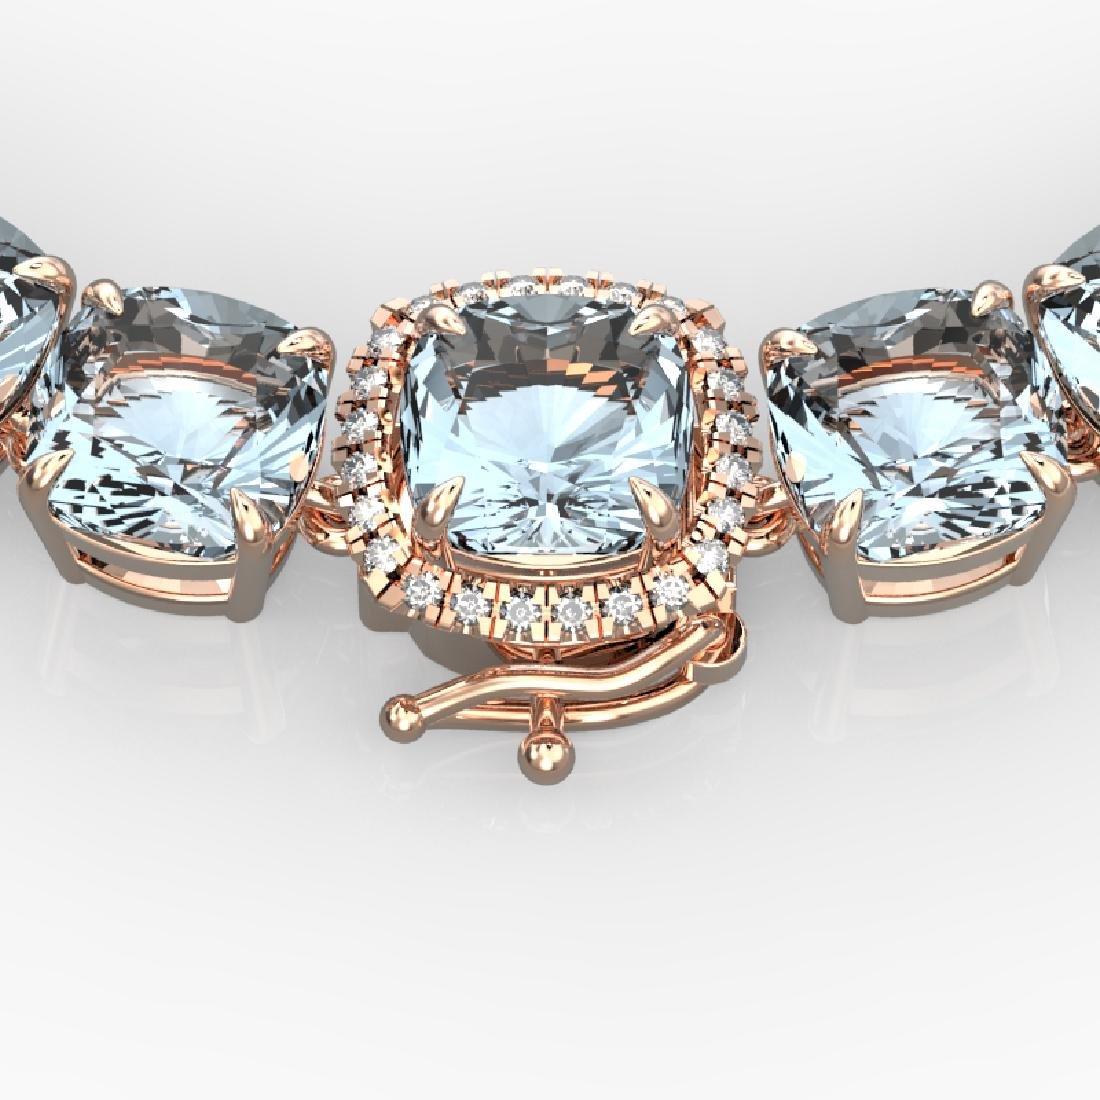 87 CTW Aquamarine & VS/SI Diamond Necklace 14K Rose